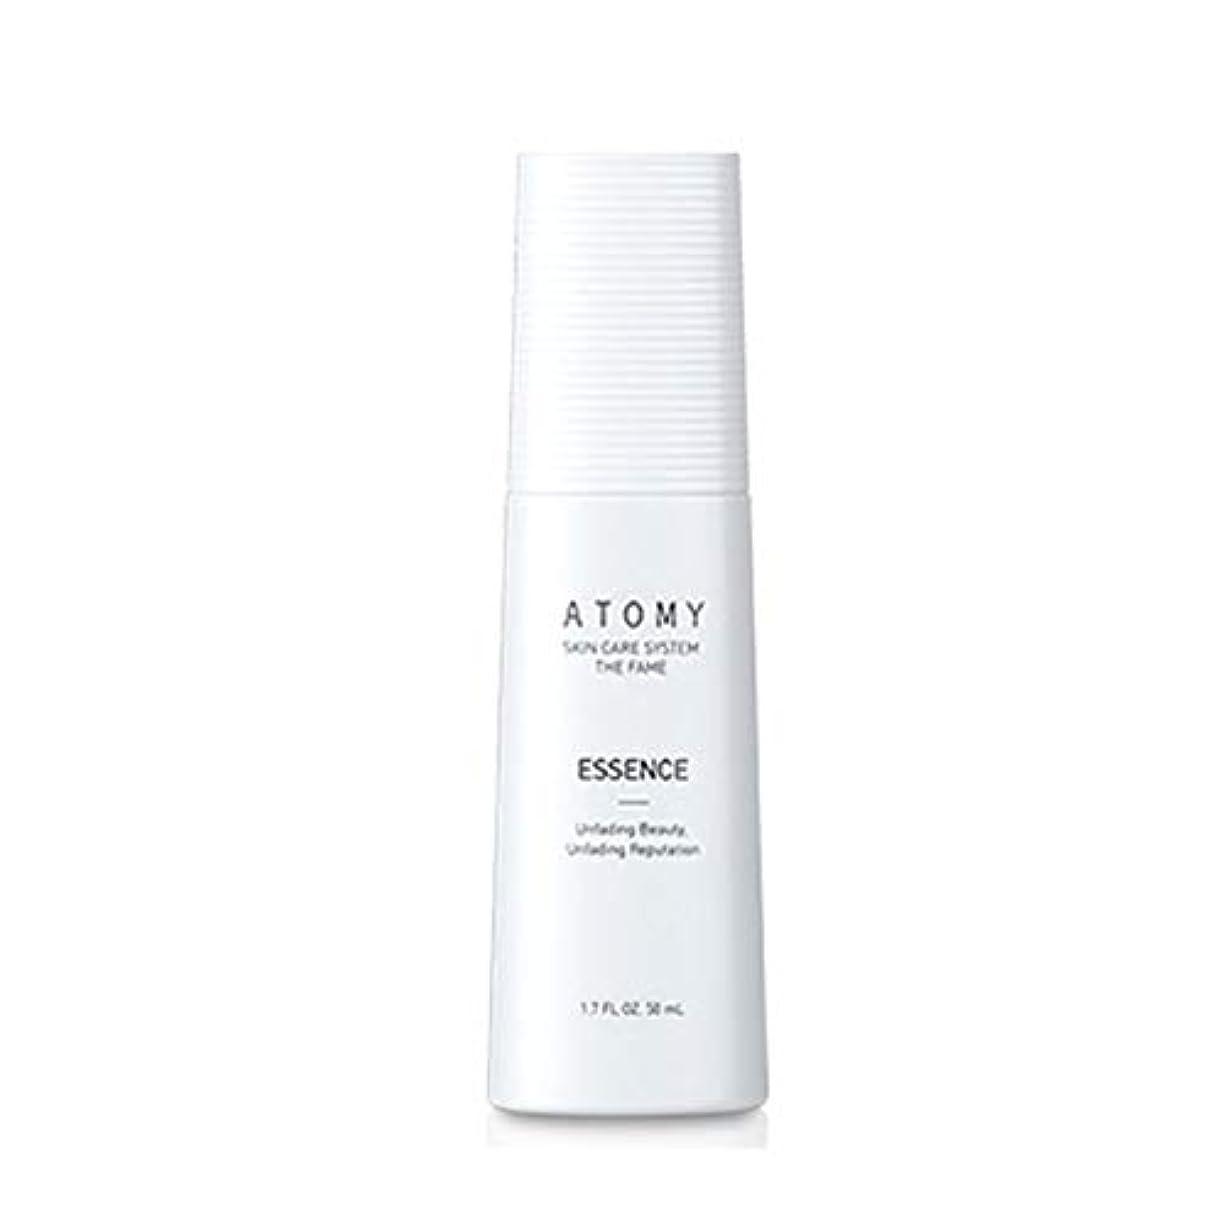 新鮮な難民区別するアトミザ?フェームエッセンス50ml韓国コスメ、Atomy The Fame Essence 50ml Korean Cosmetics [並行輸入品]